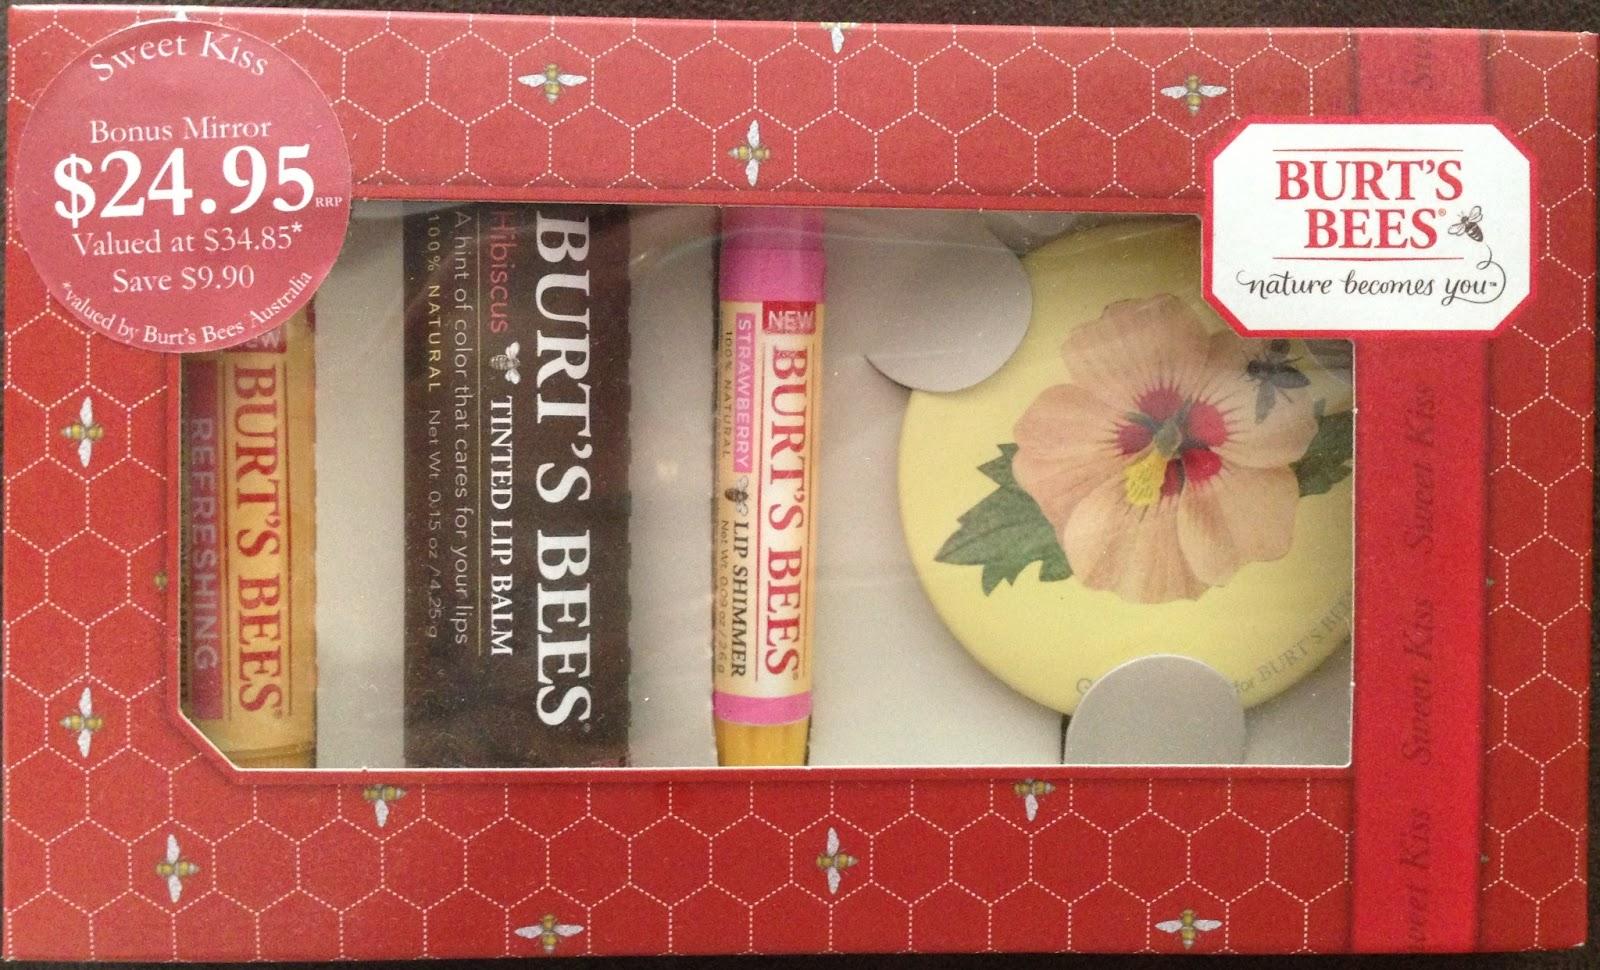 http://3.bp.blogspot.com/-RemU2epazbQ/USXk_Jzr_NI/AAAAAAAADR8/m_GMOz6g1bk/s1600/burts+bees+sweet+kisses2.jpg